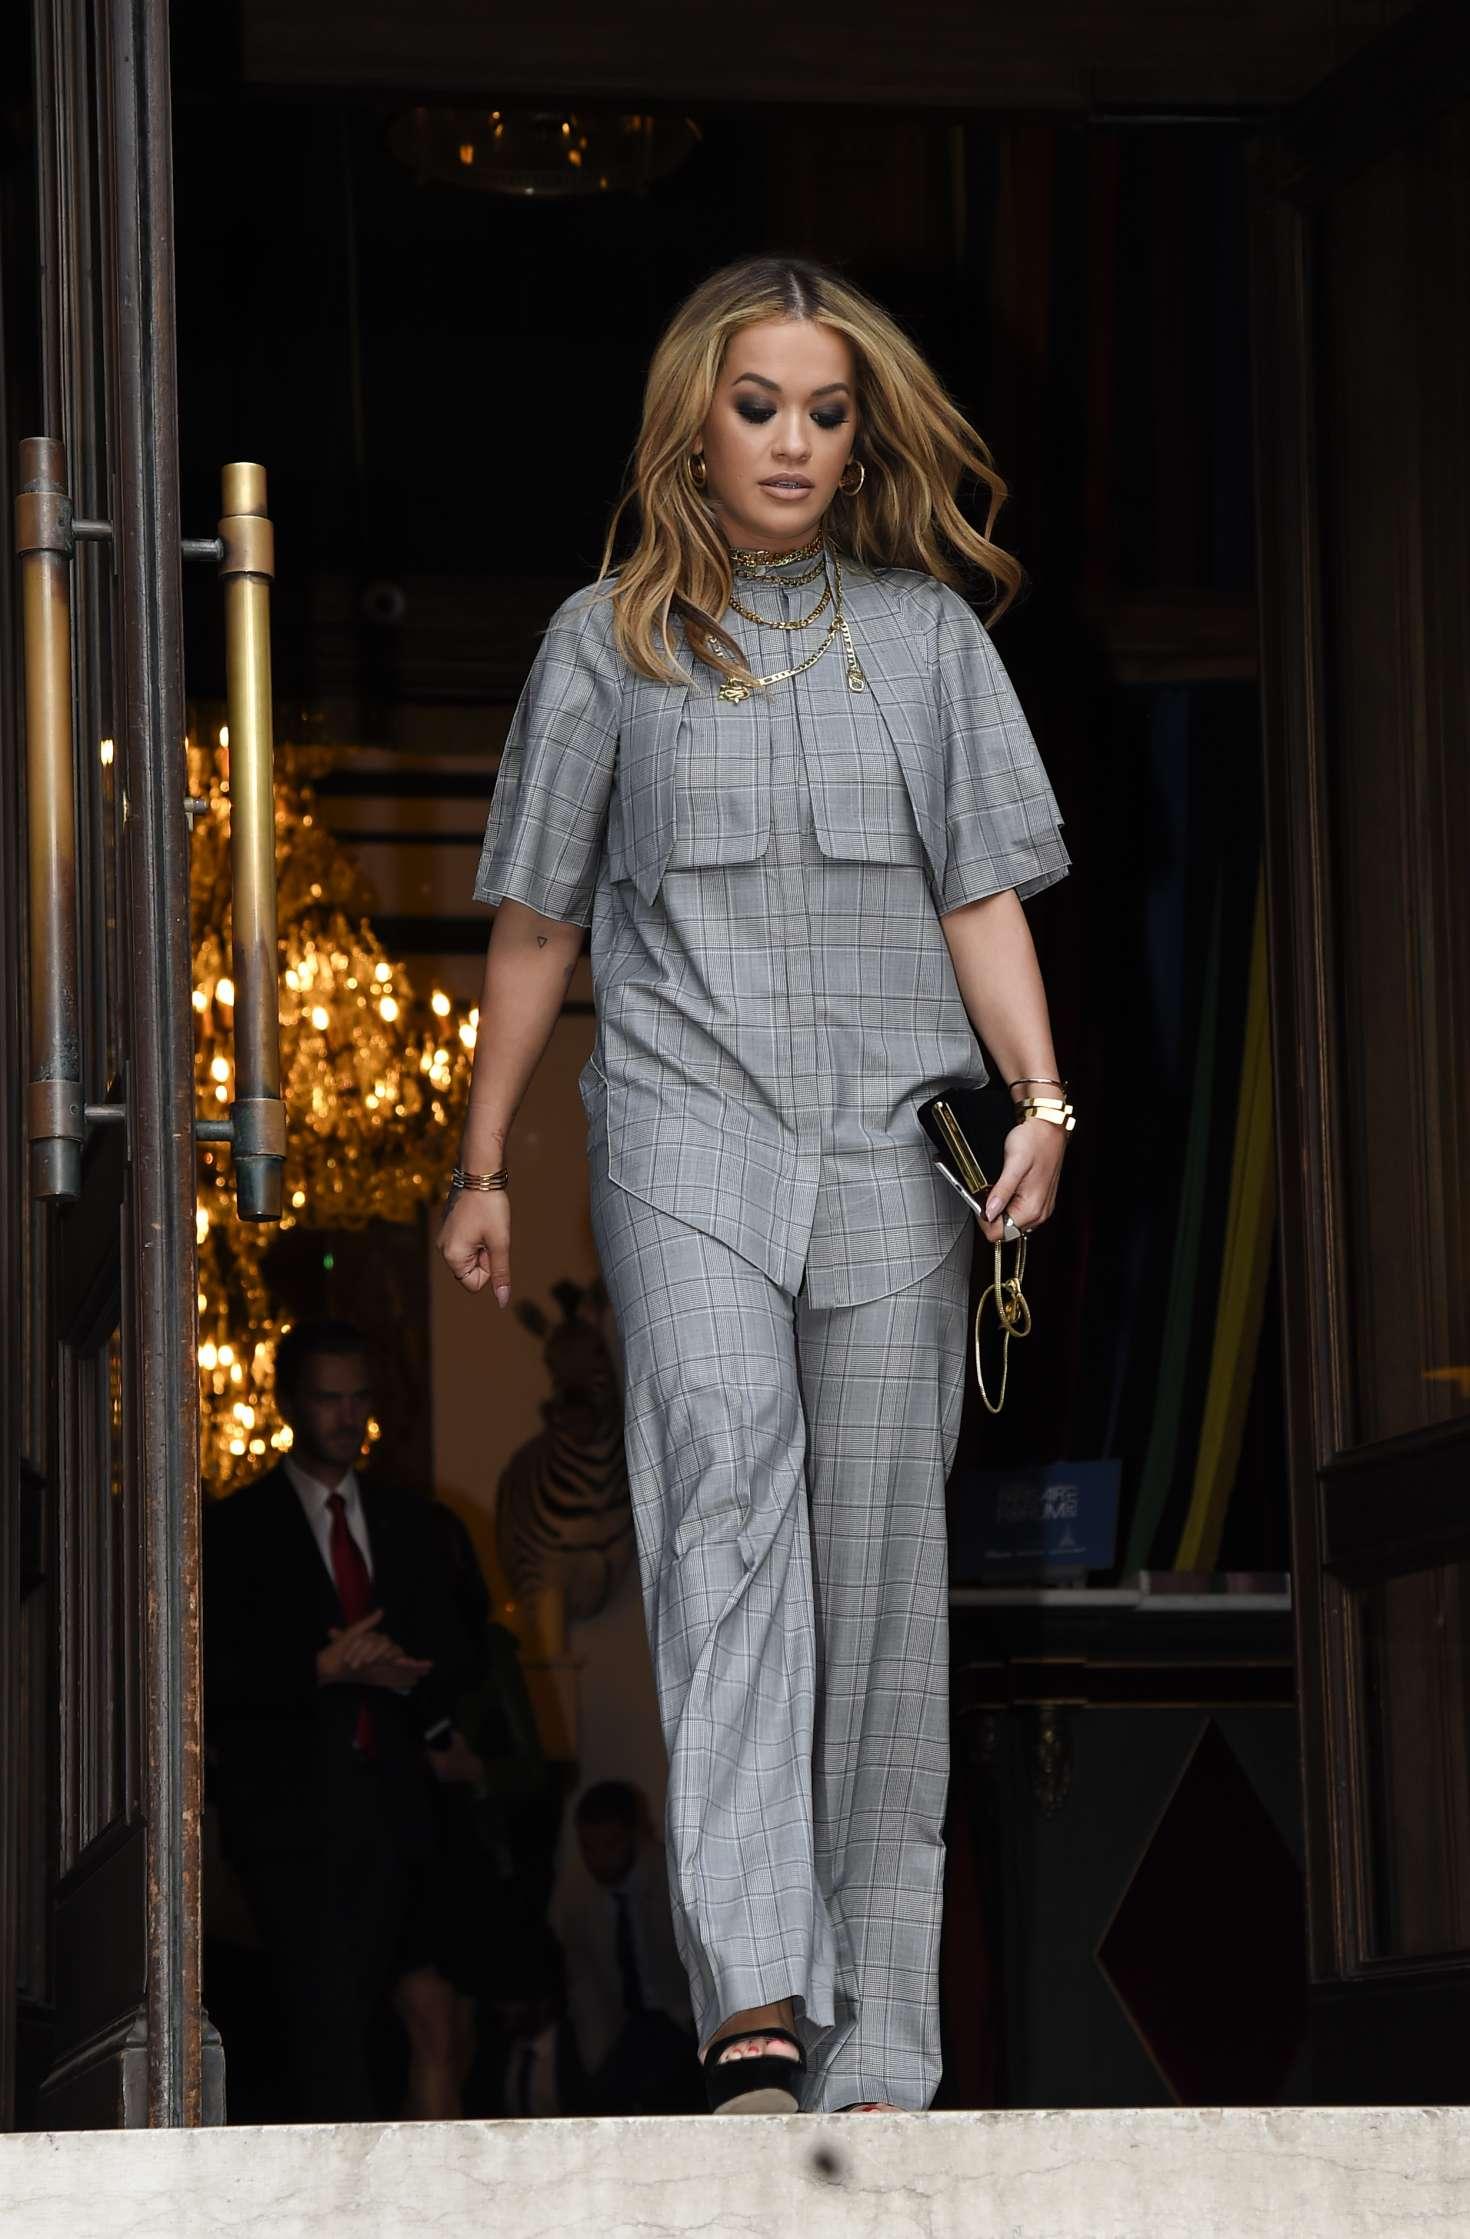 Rita Ora Leaves her hotel in Paris